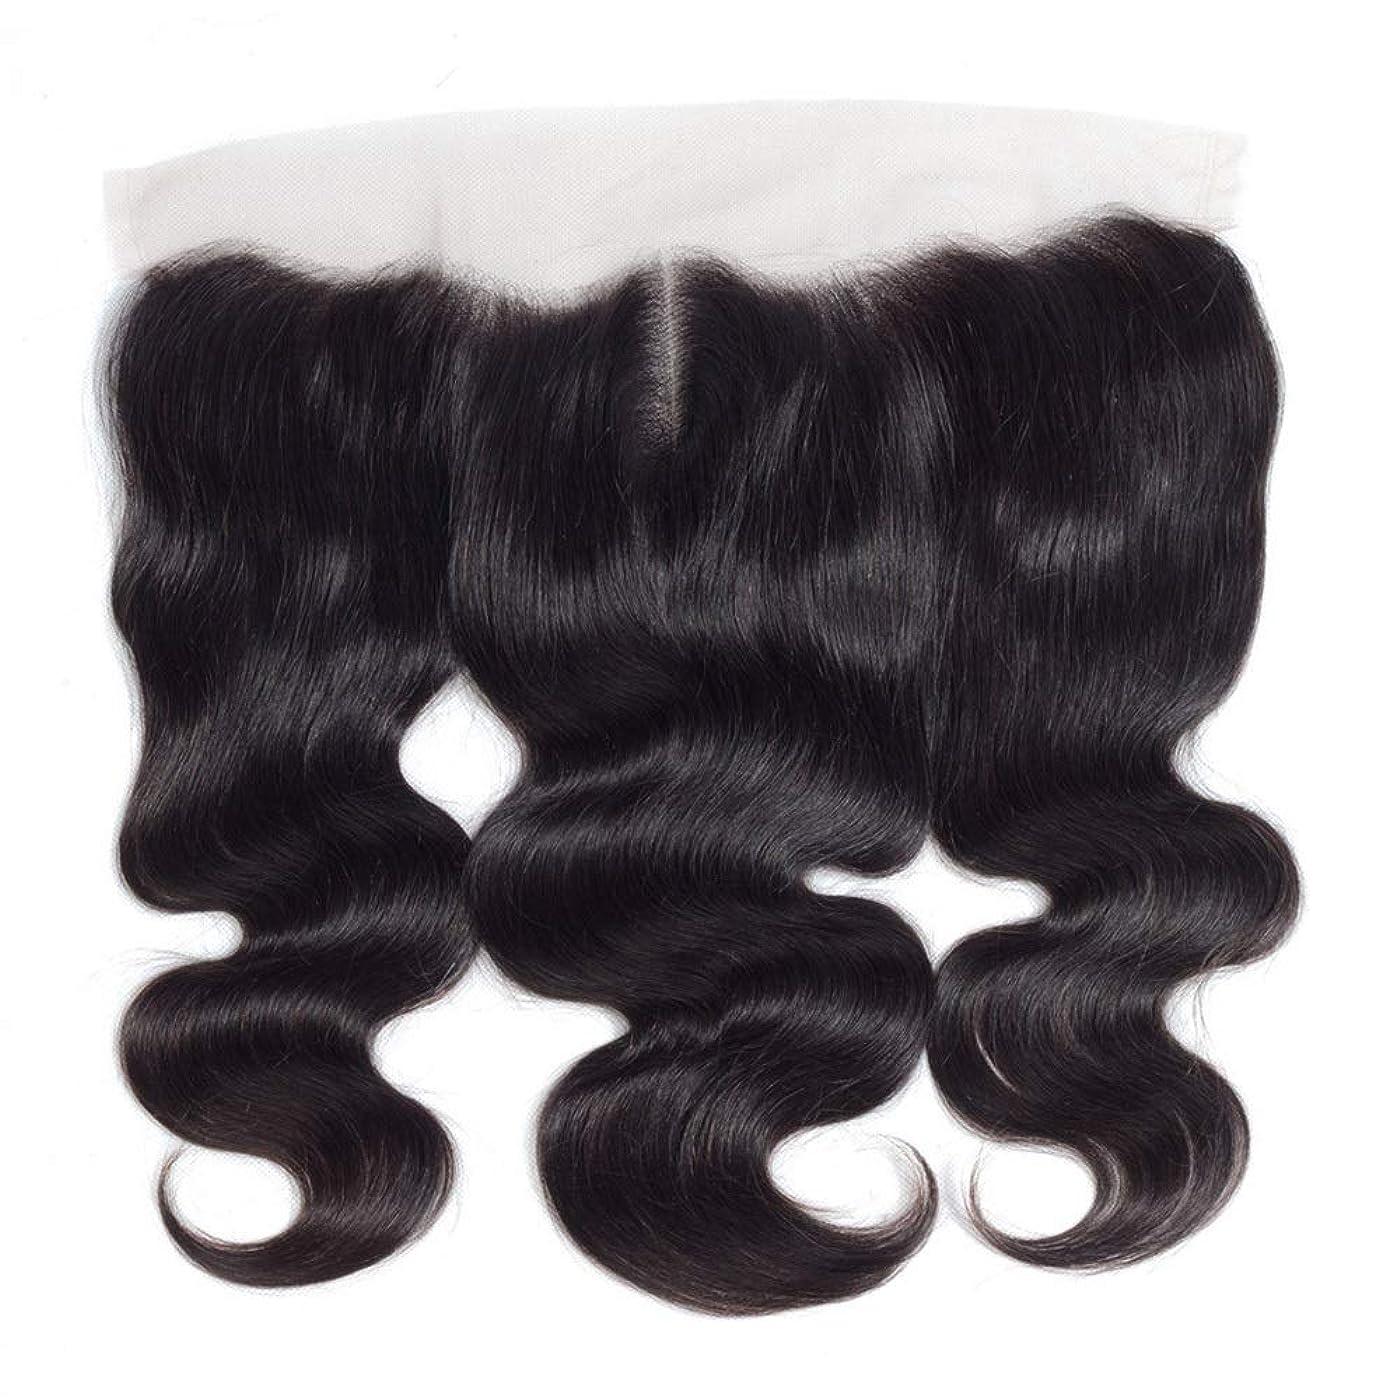 拘束する不格好在庫かつら 13 * 4レース前頭閉鎖人間の髪の毛の部分 - ブラジル実体波トップミドル別れ長い巻き毛のかつら (色 : 黒, サイズ : 18 inch)